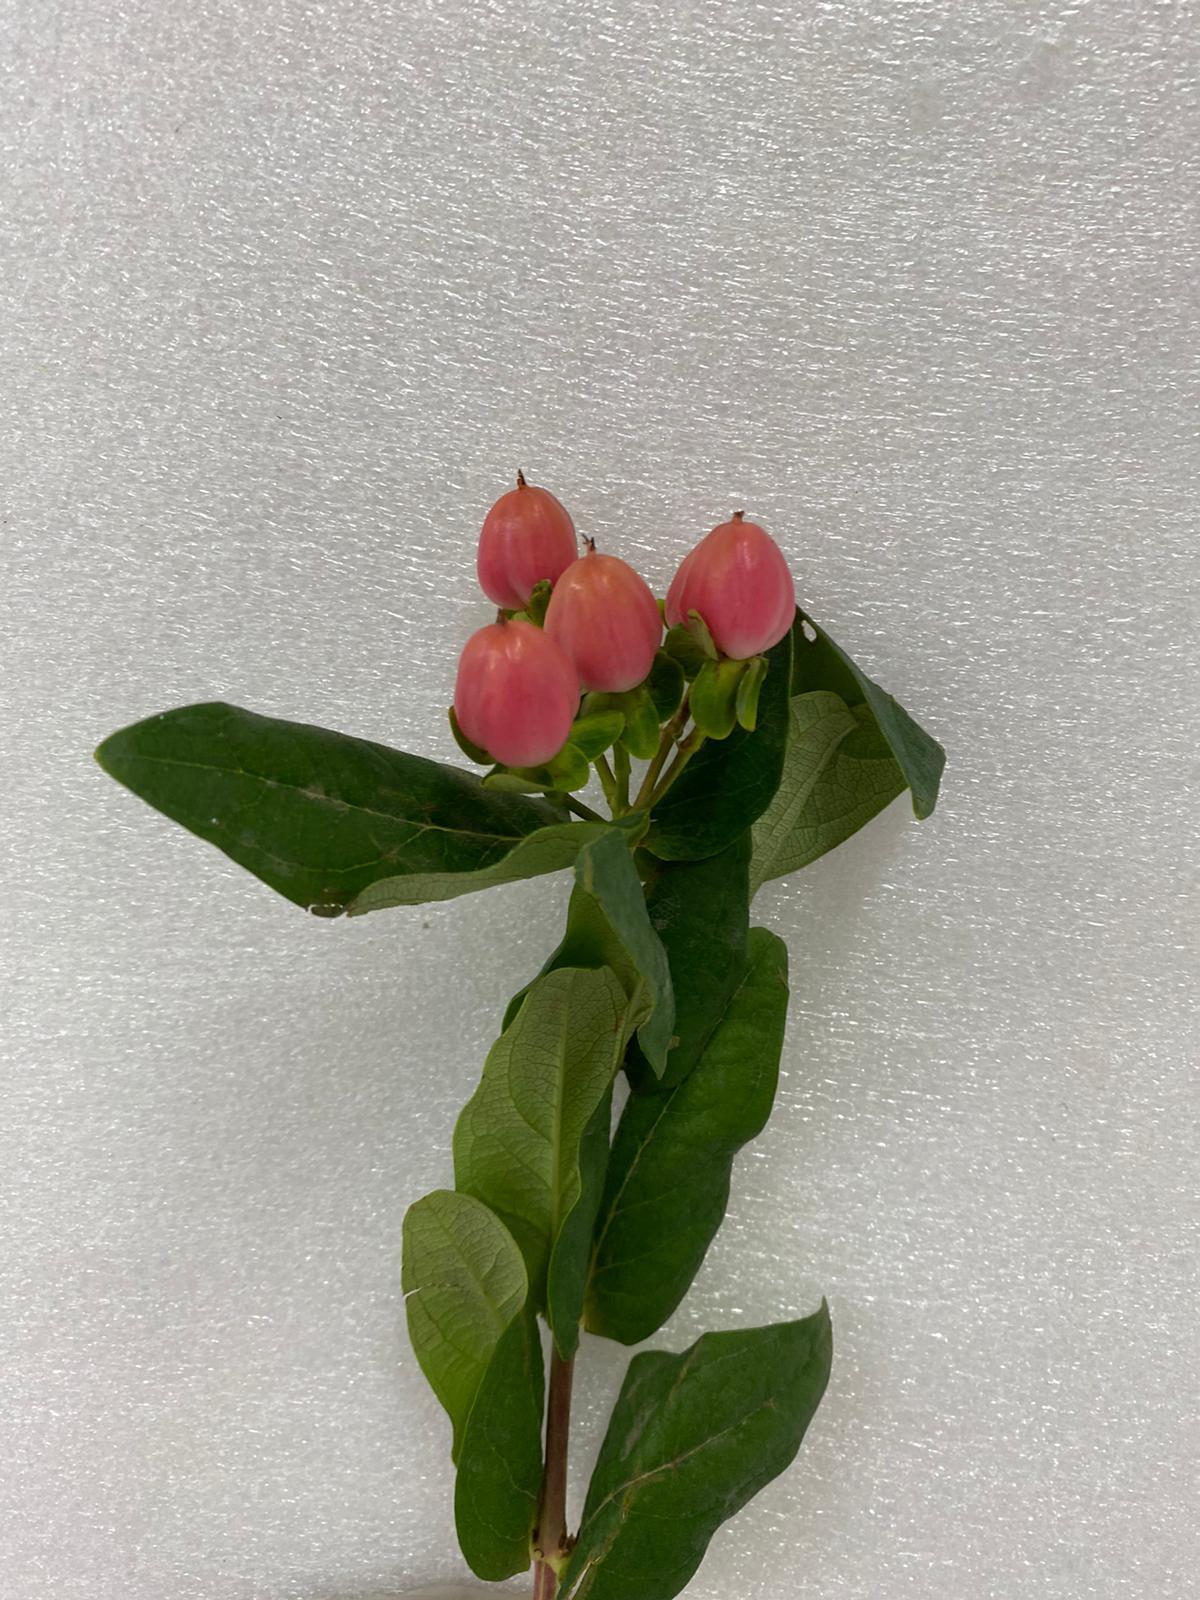 هيبيريكوم - وردي غامق  الزهور بالجملة زهور مقطوفة